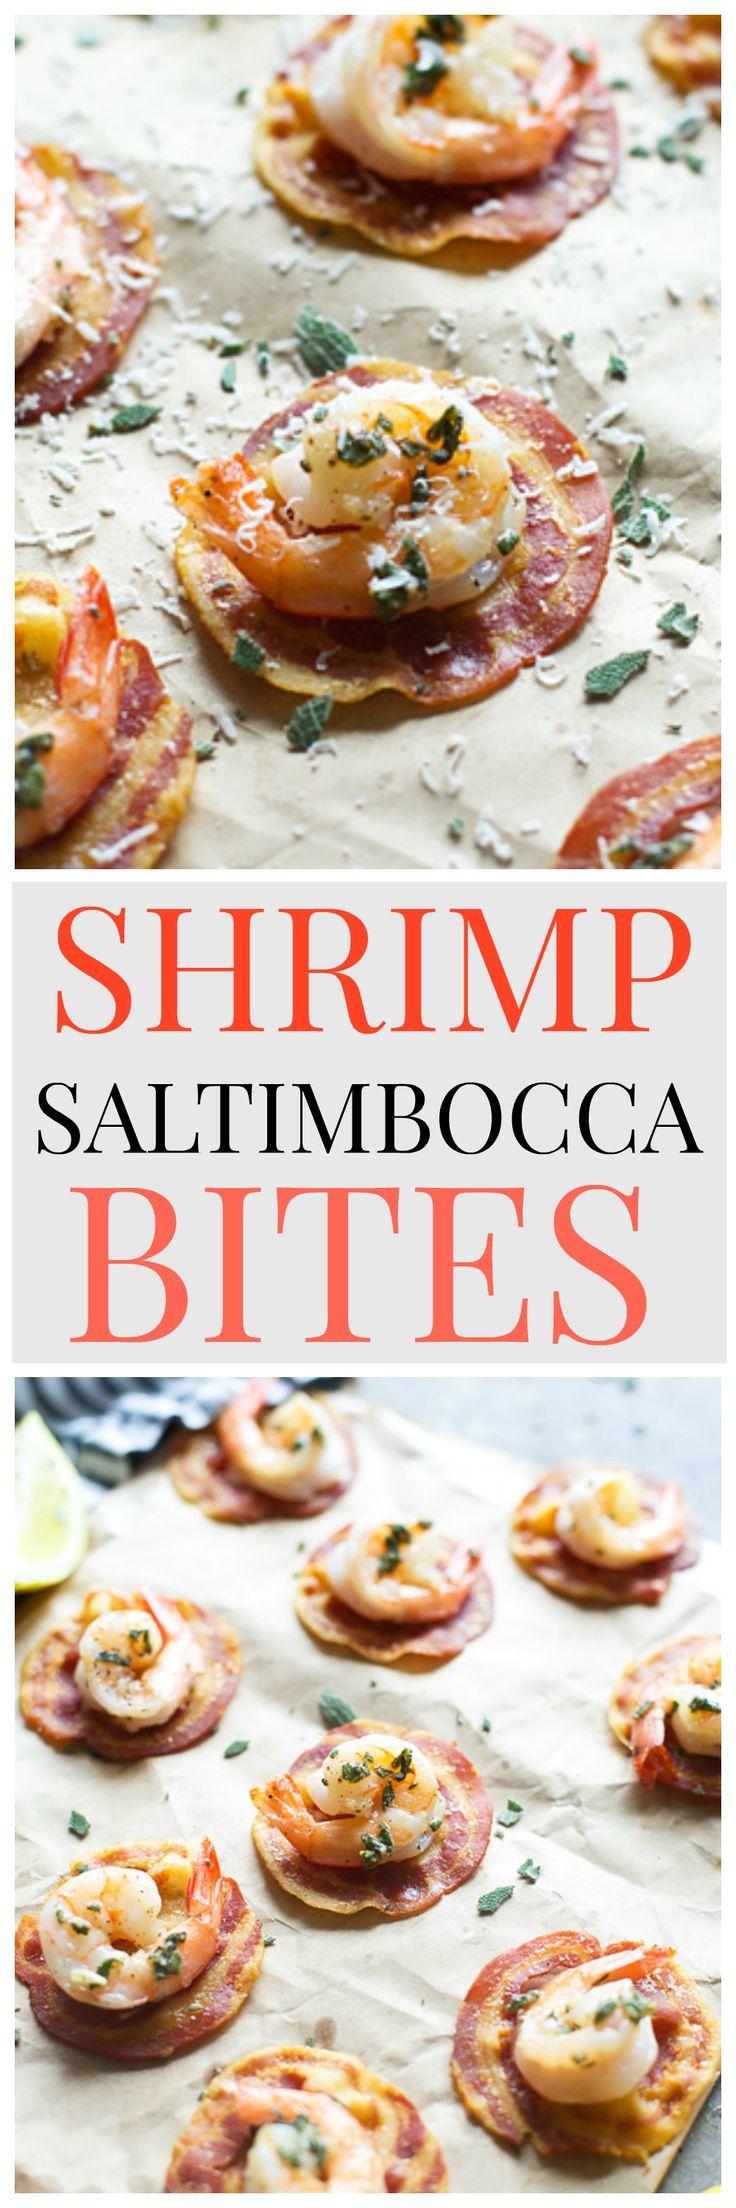 Shrimp Saltimbocca Bites